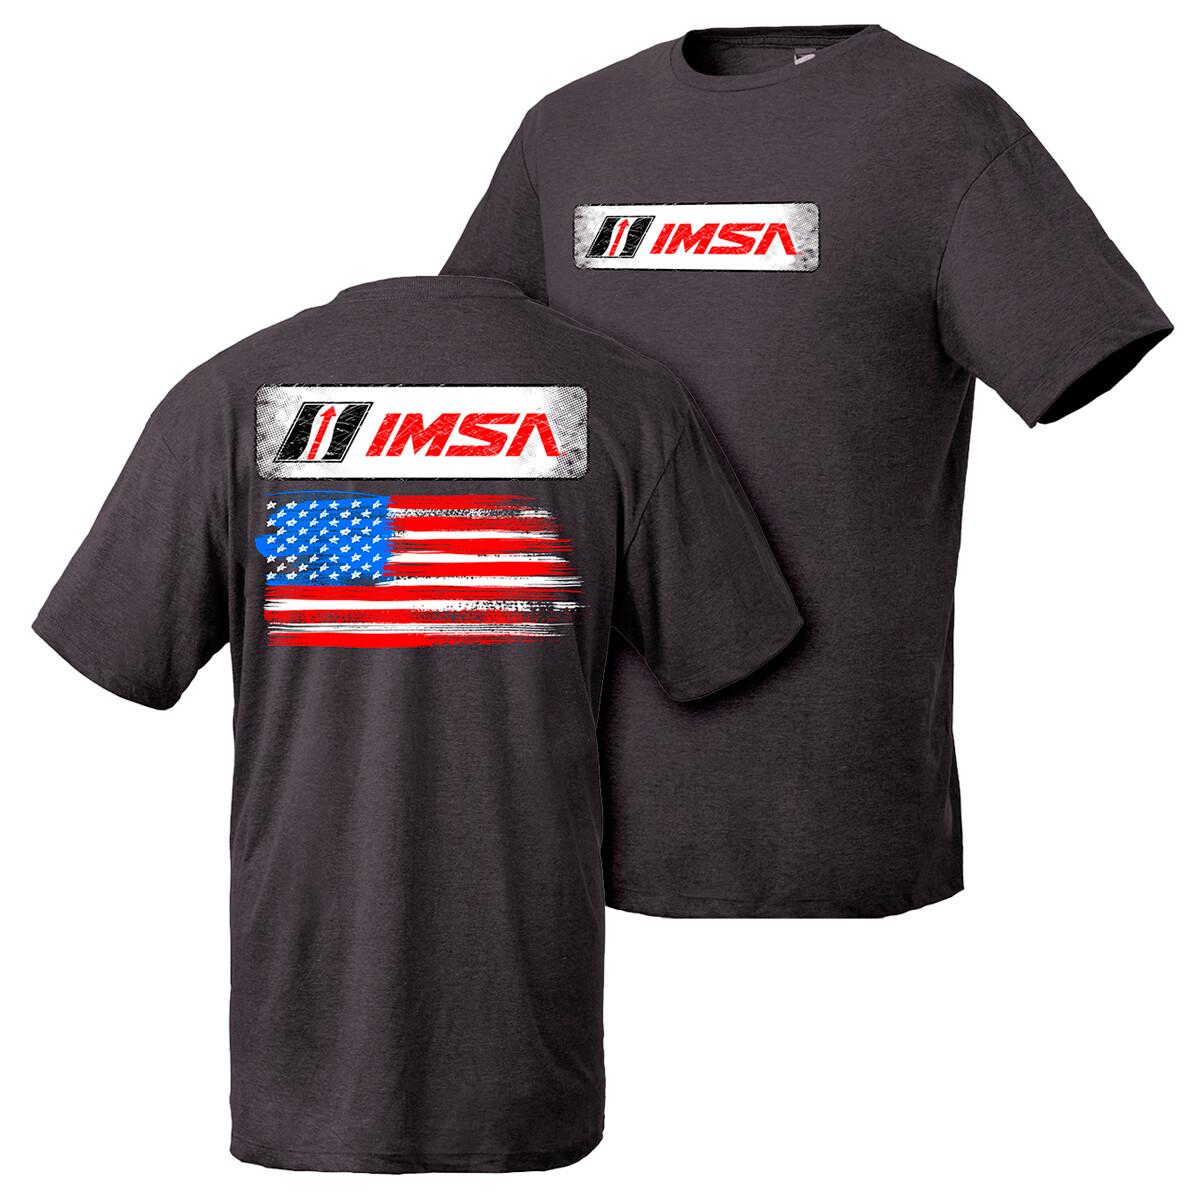 IMSA Flag Design Tee - Black Heather